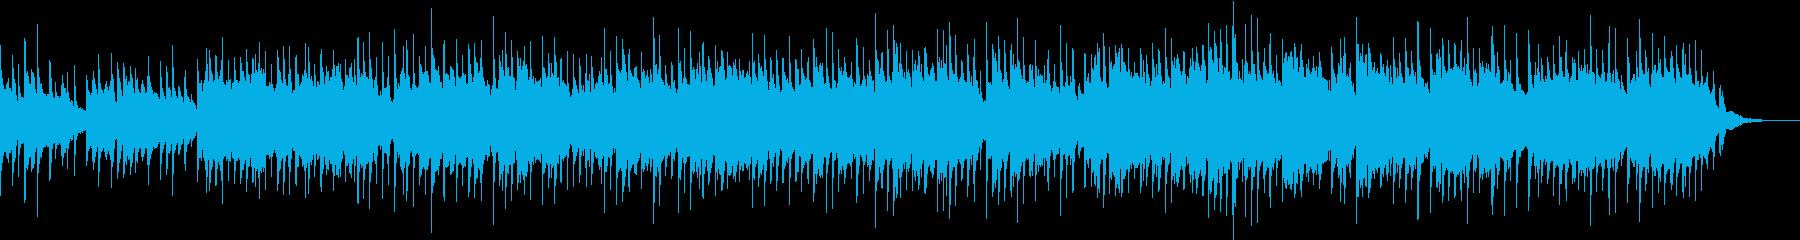 企業VPや自然動物映像/海・青感動ピアノの再生済みの波形